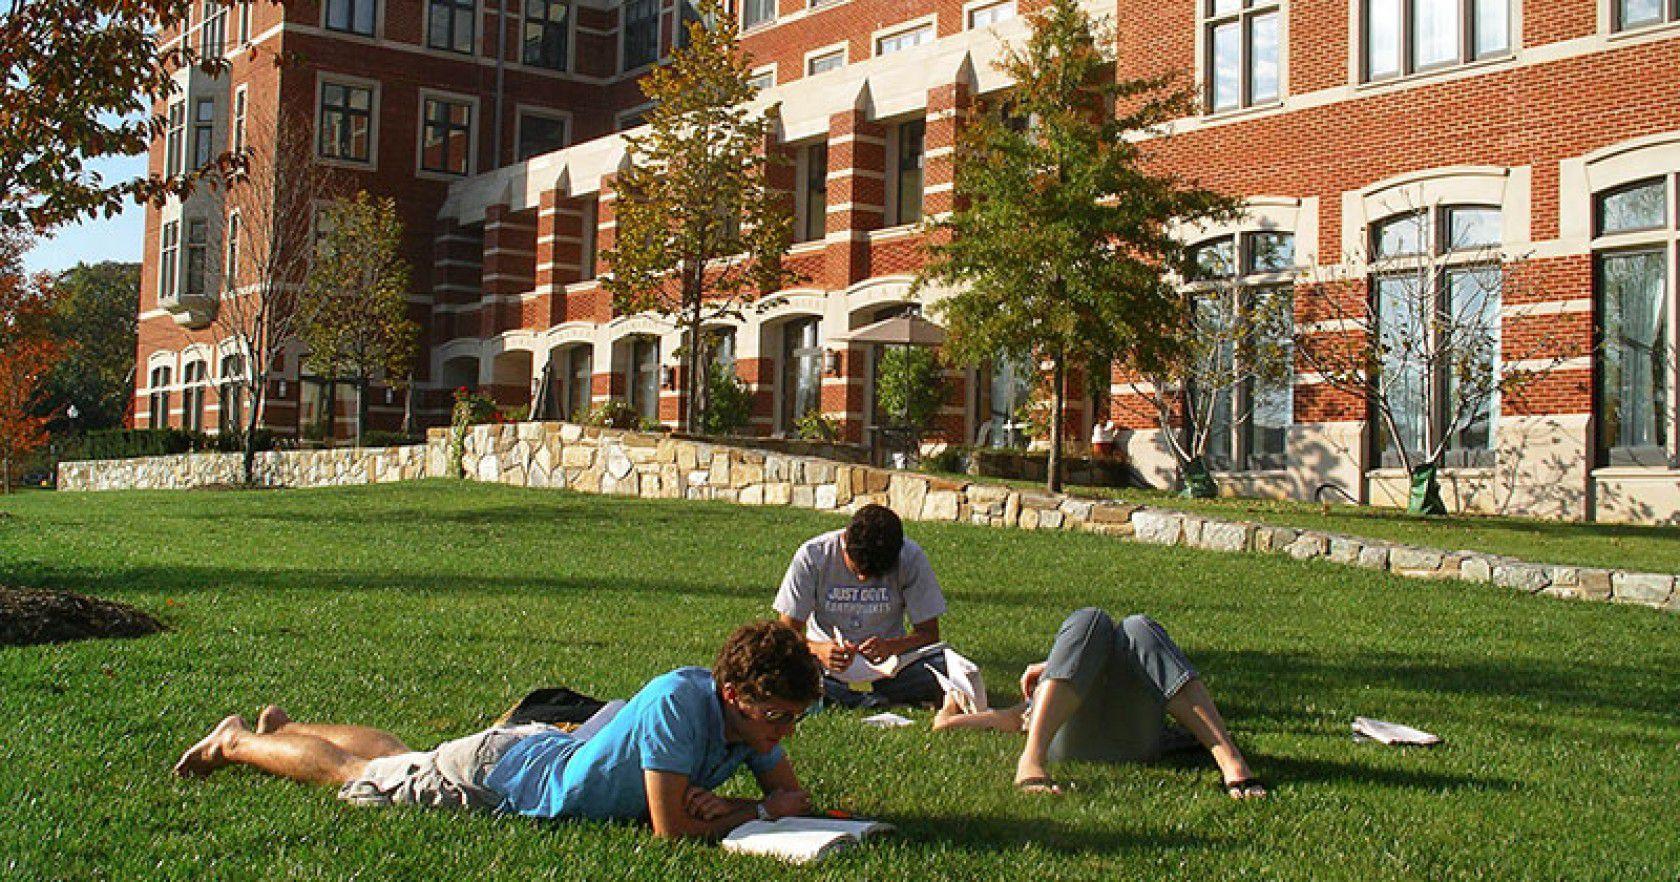 Avrupa'da Kolej Eğitimi ve ISEE Sınavı Başvuruları Hakkında Önemli Bilgiler